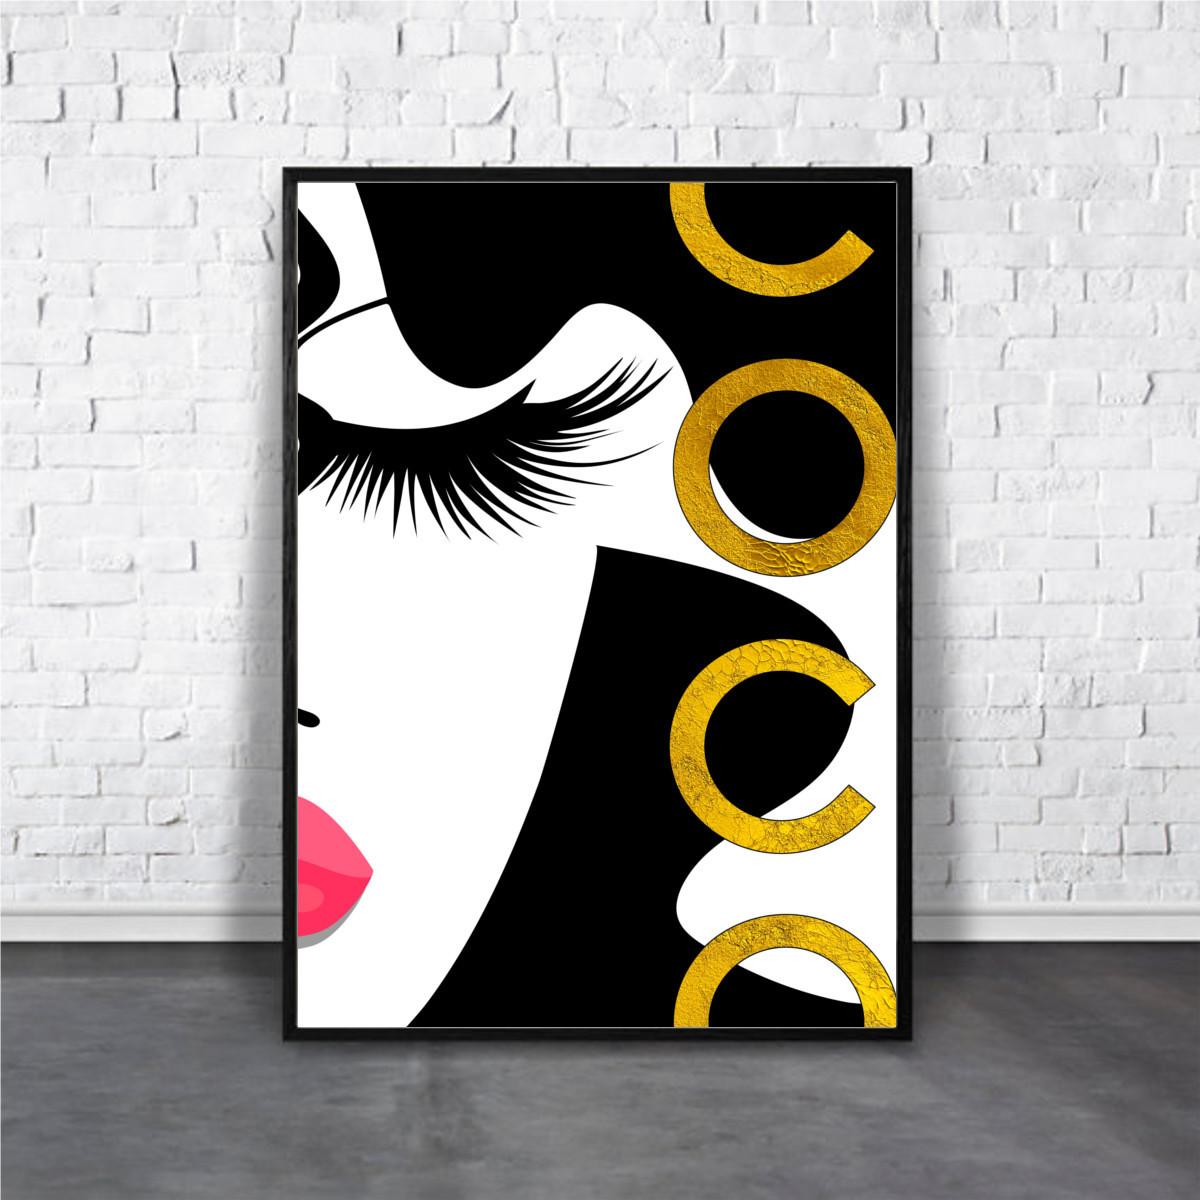 アートポスター Chanel シャネル デザイン Aroma Of Paris